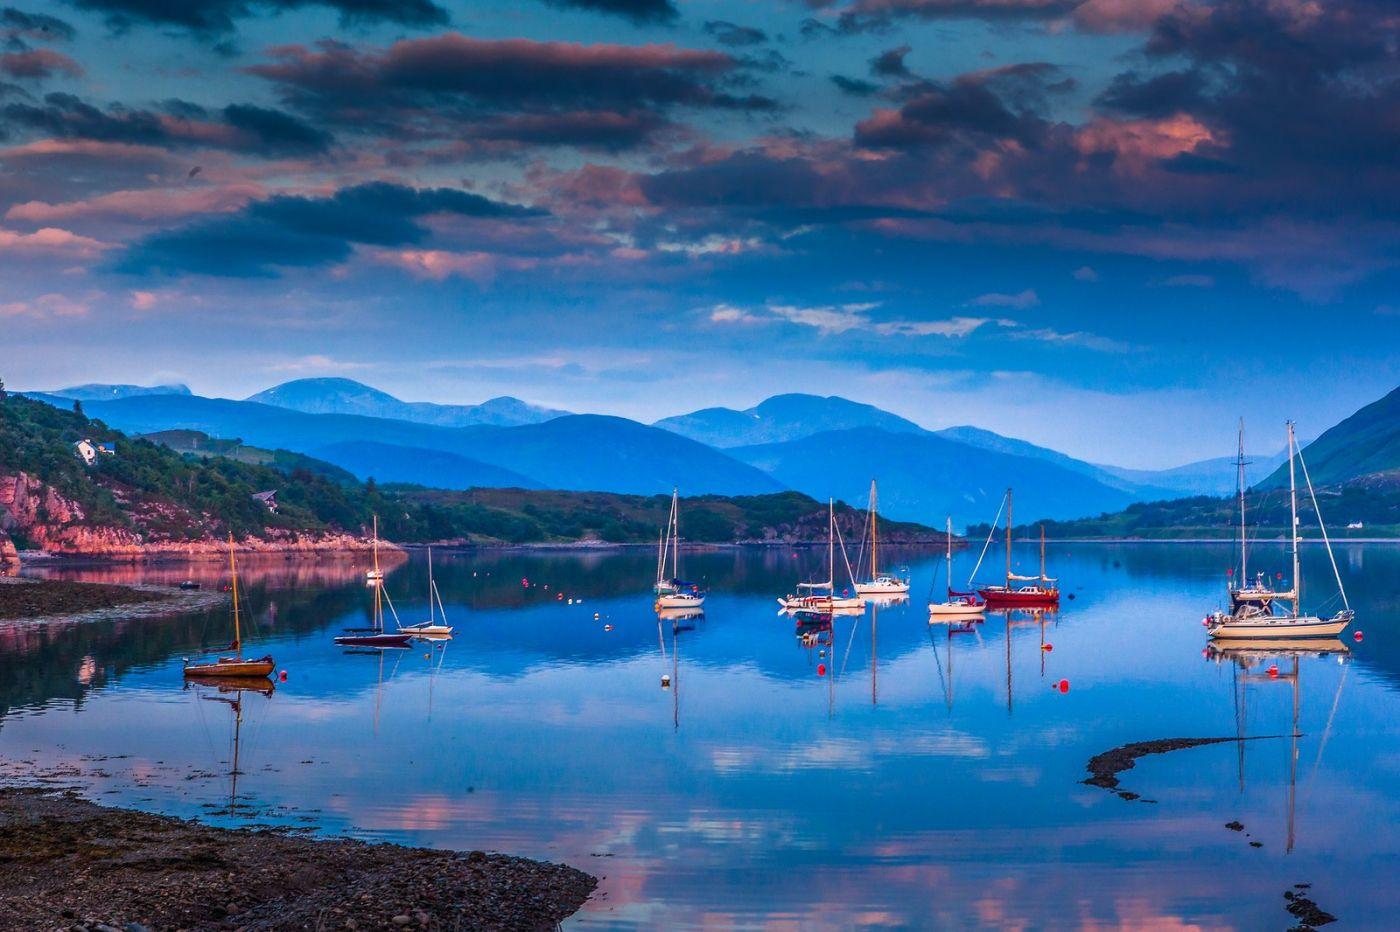 苏格兰阿勒浦(Ullapool),如镜的湖面_图1-13